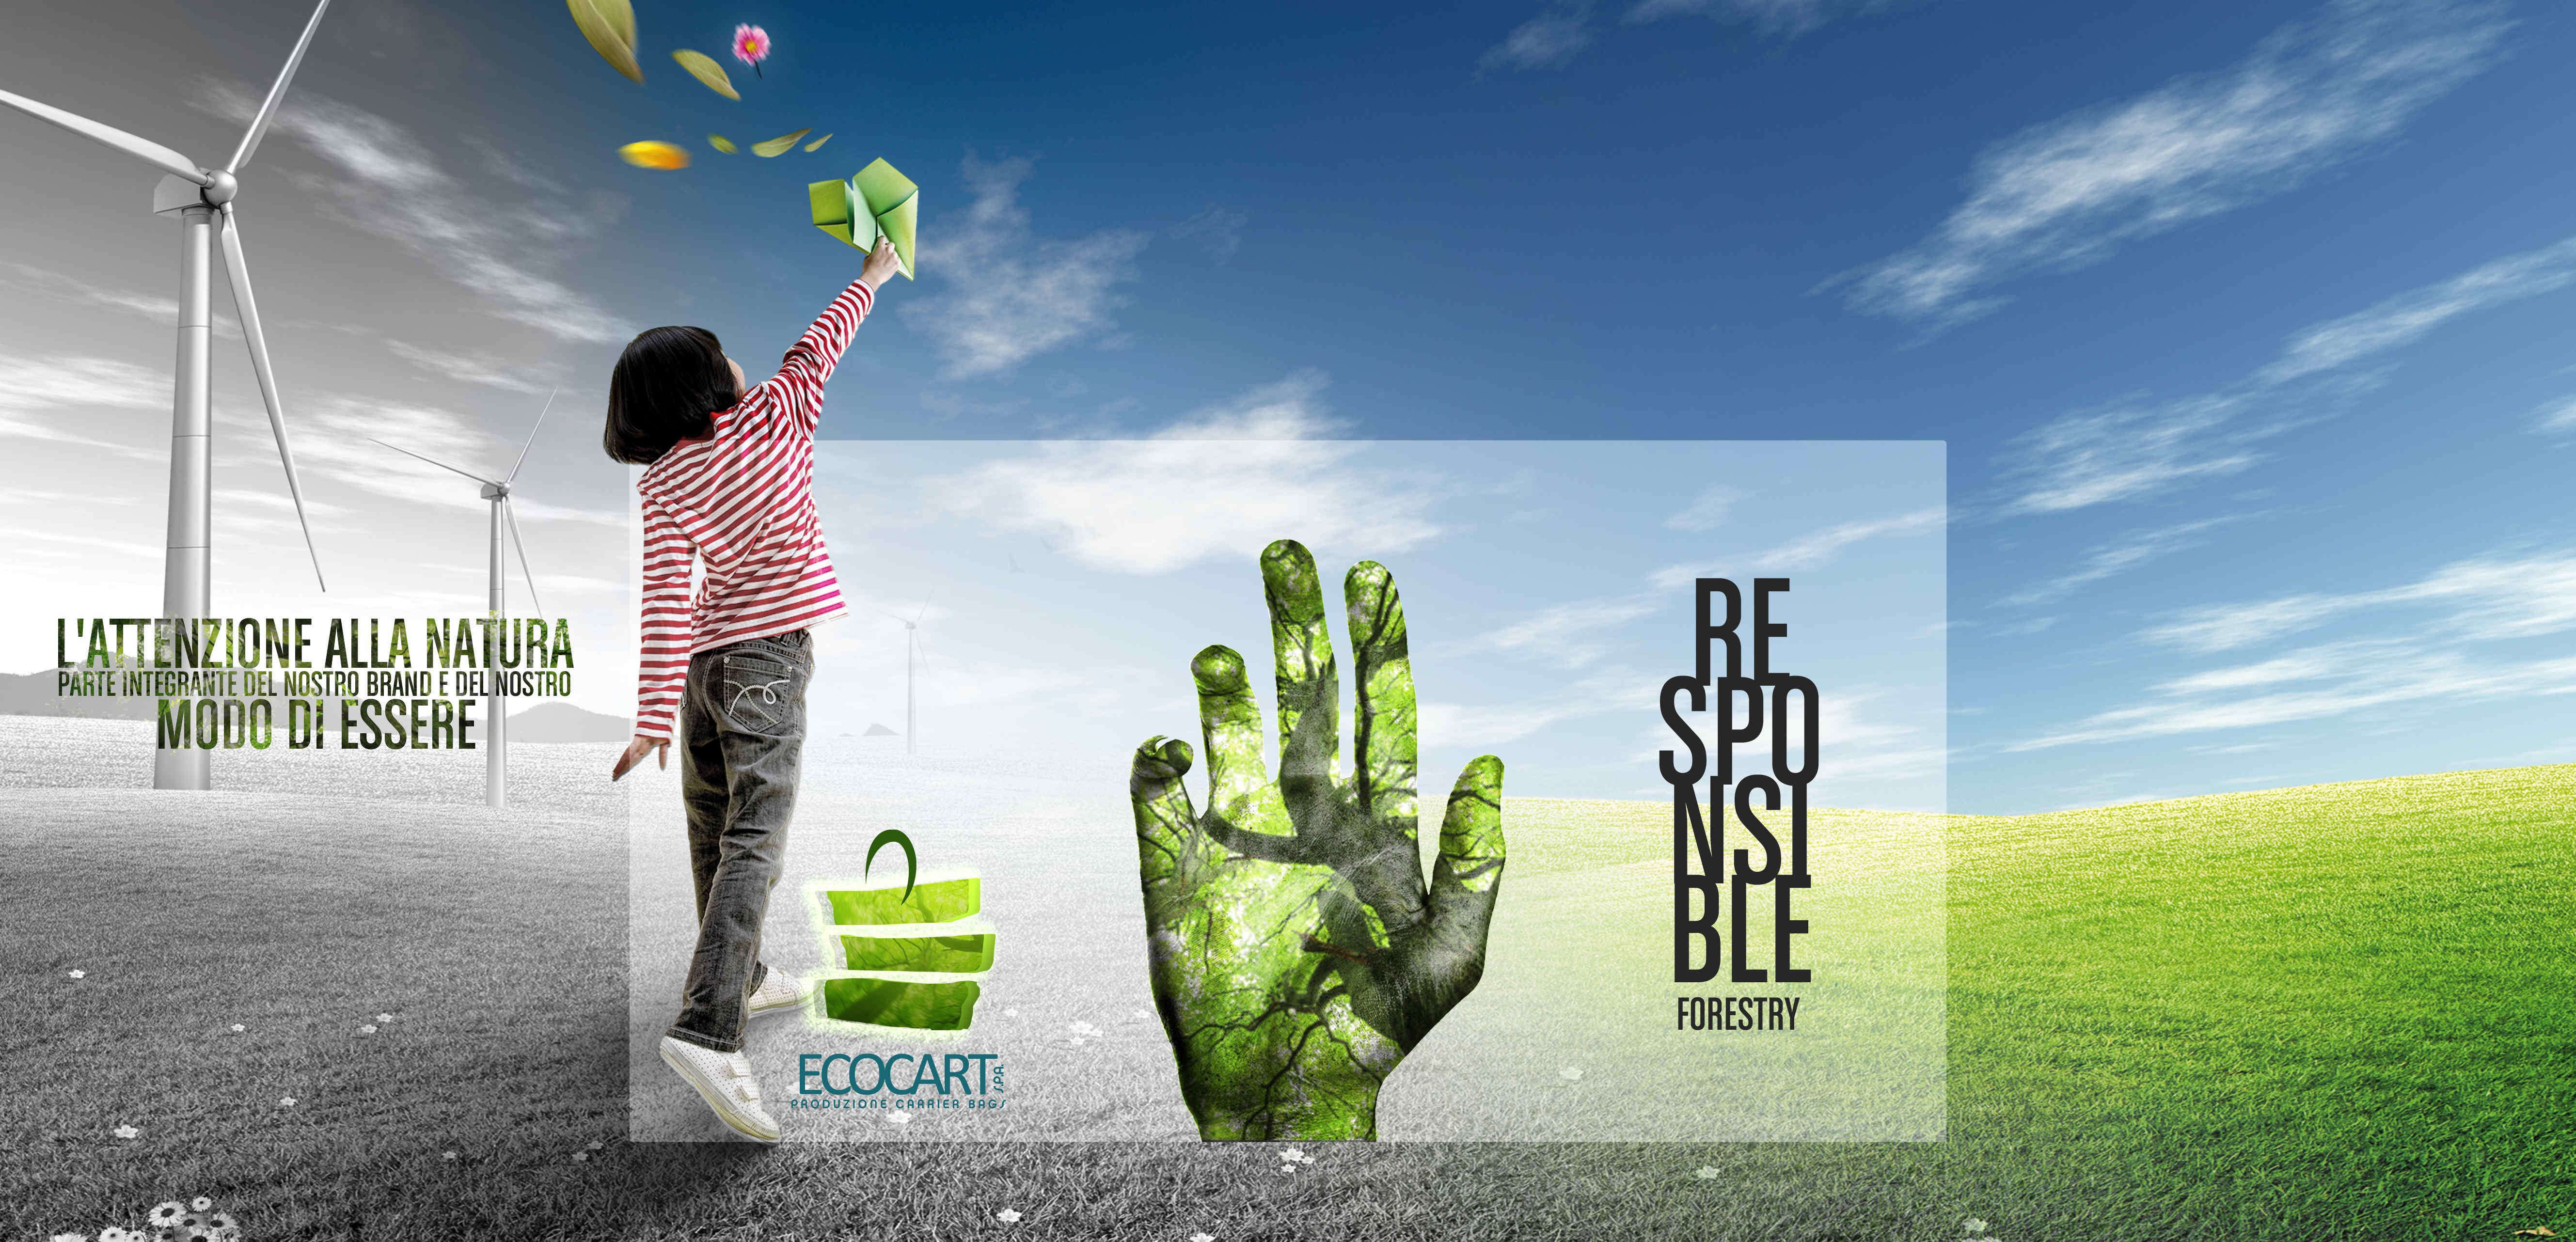 sacchetti di carta personalizzati fsc ed ambiente